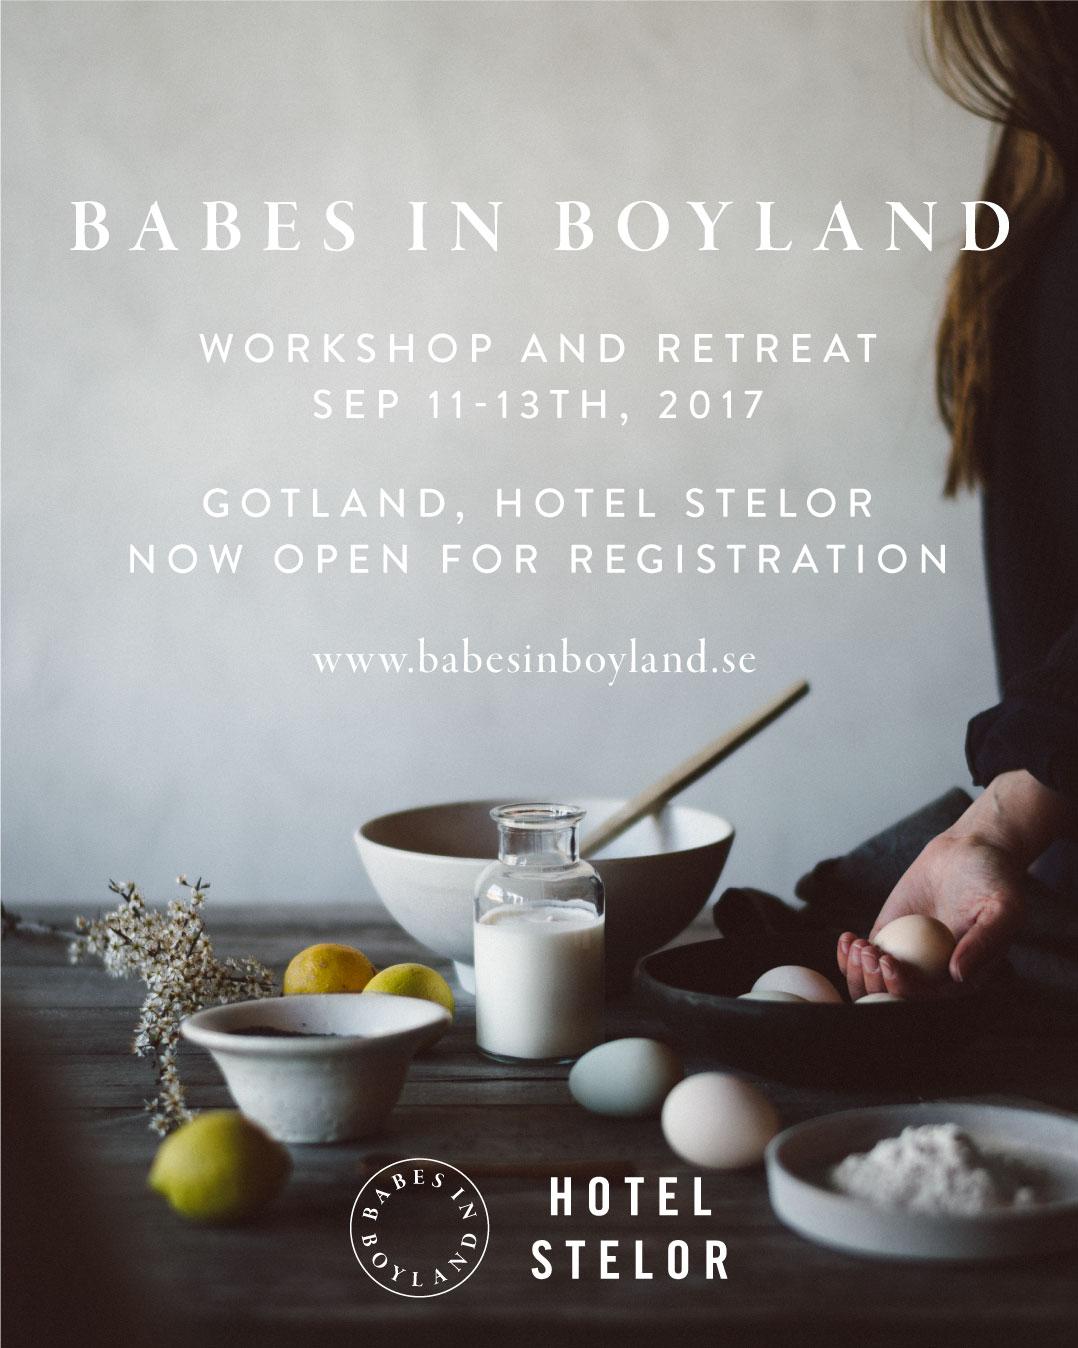 Babes in Boyland – workshop and retreat, Gotland, 11-13 September 2017